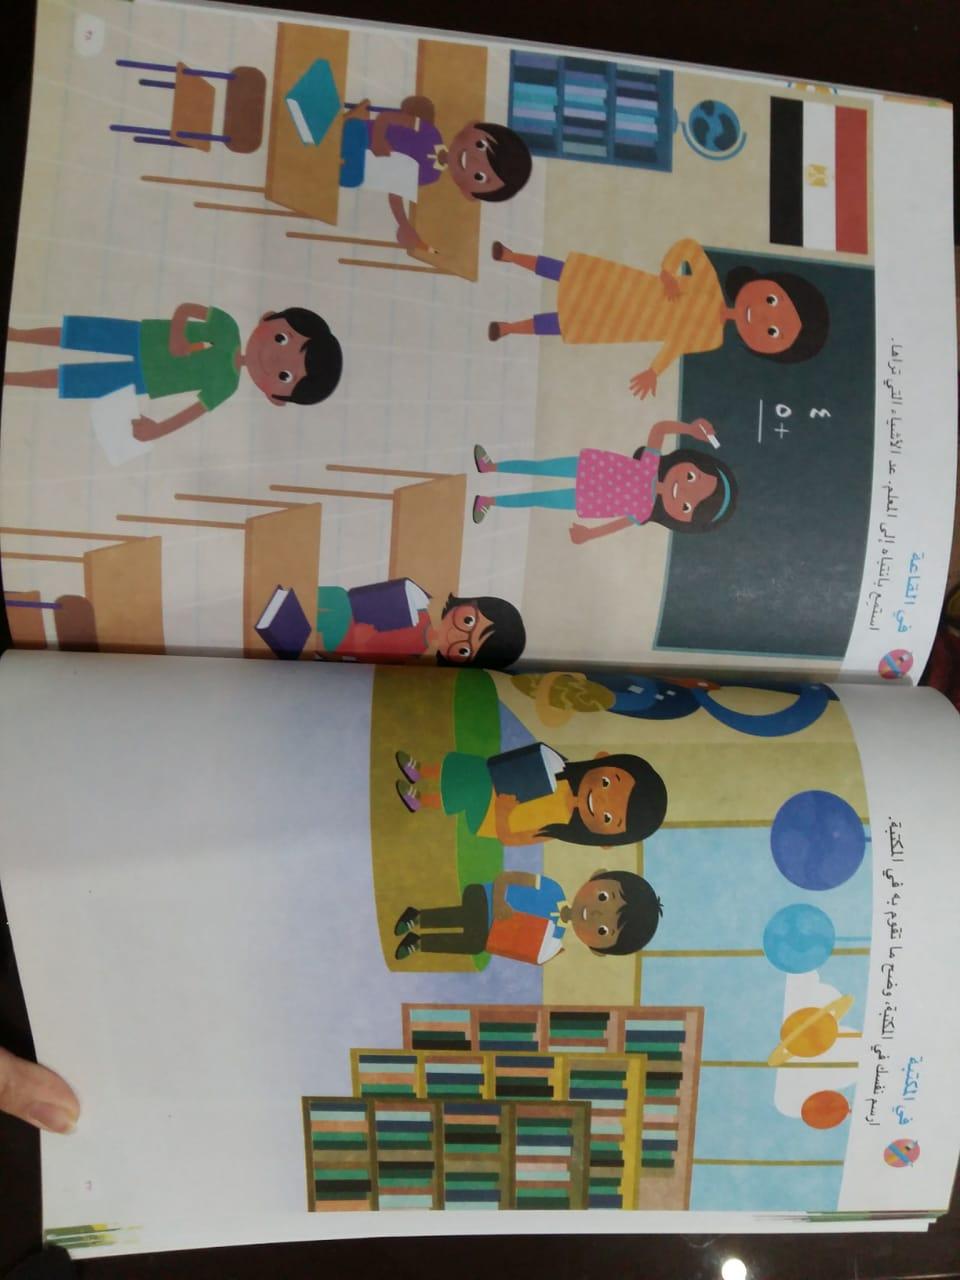 منهج رياض الأطفال الجديد (48)